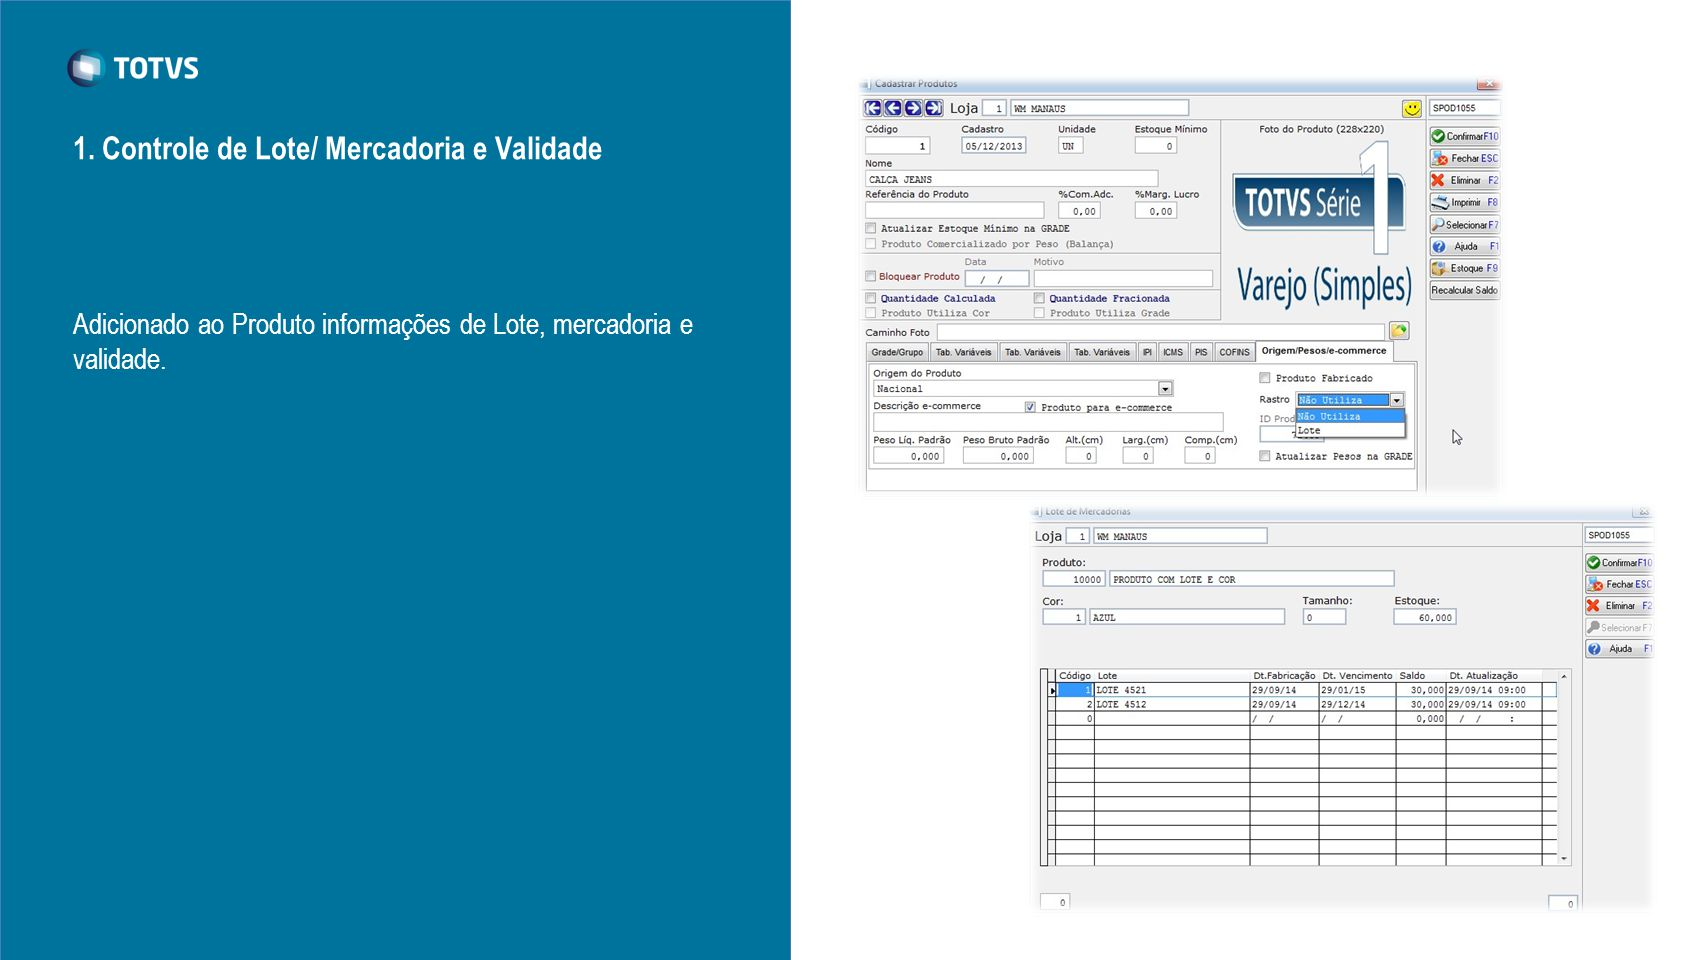 2.Inclusão dos registros da NFC-e no Sintegra e no SPED.